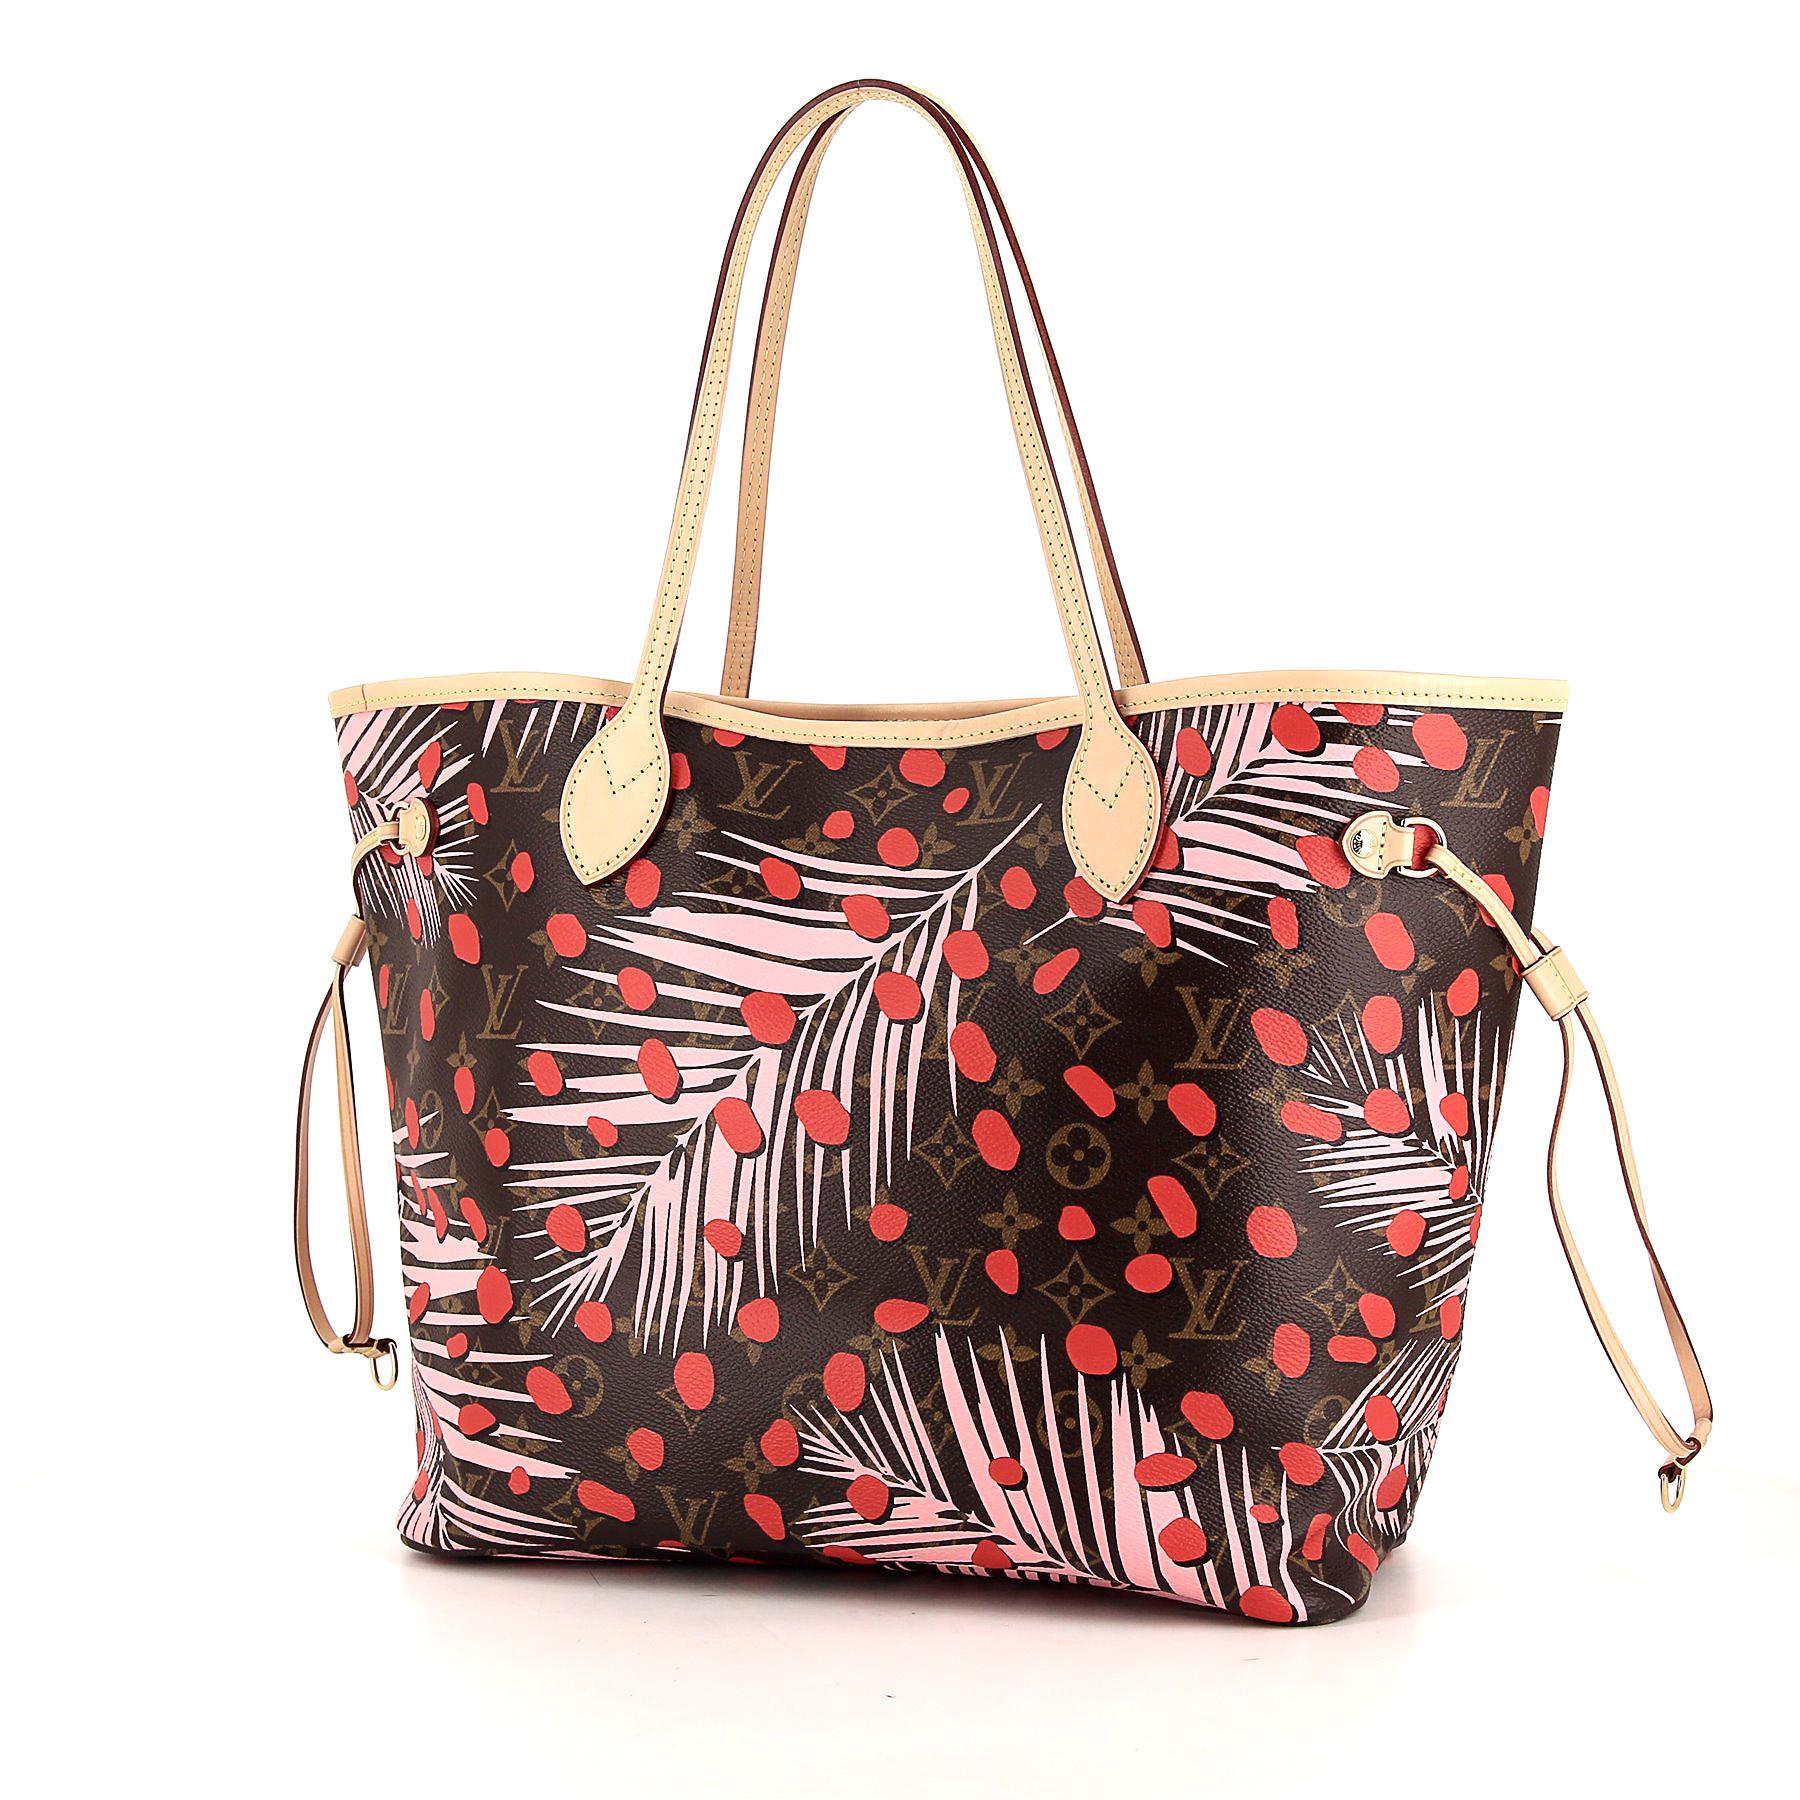 555fde5e0d ... Les sacs d'exception à découvrir chez Collector Square - Louis Vuitton